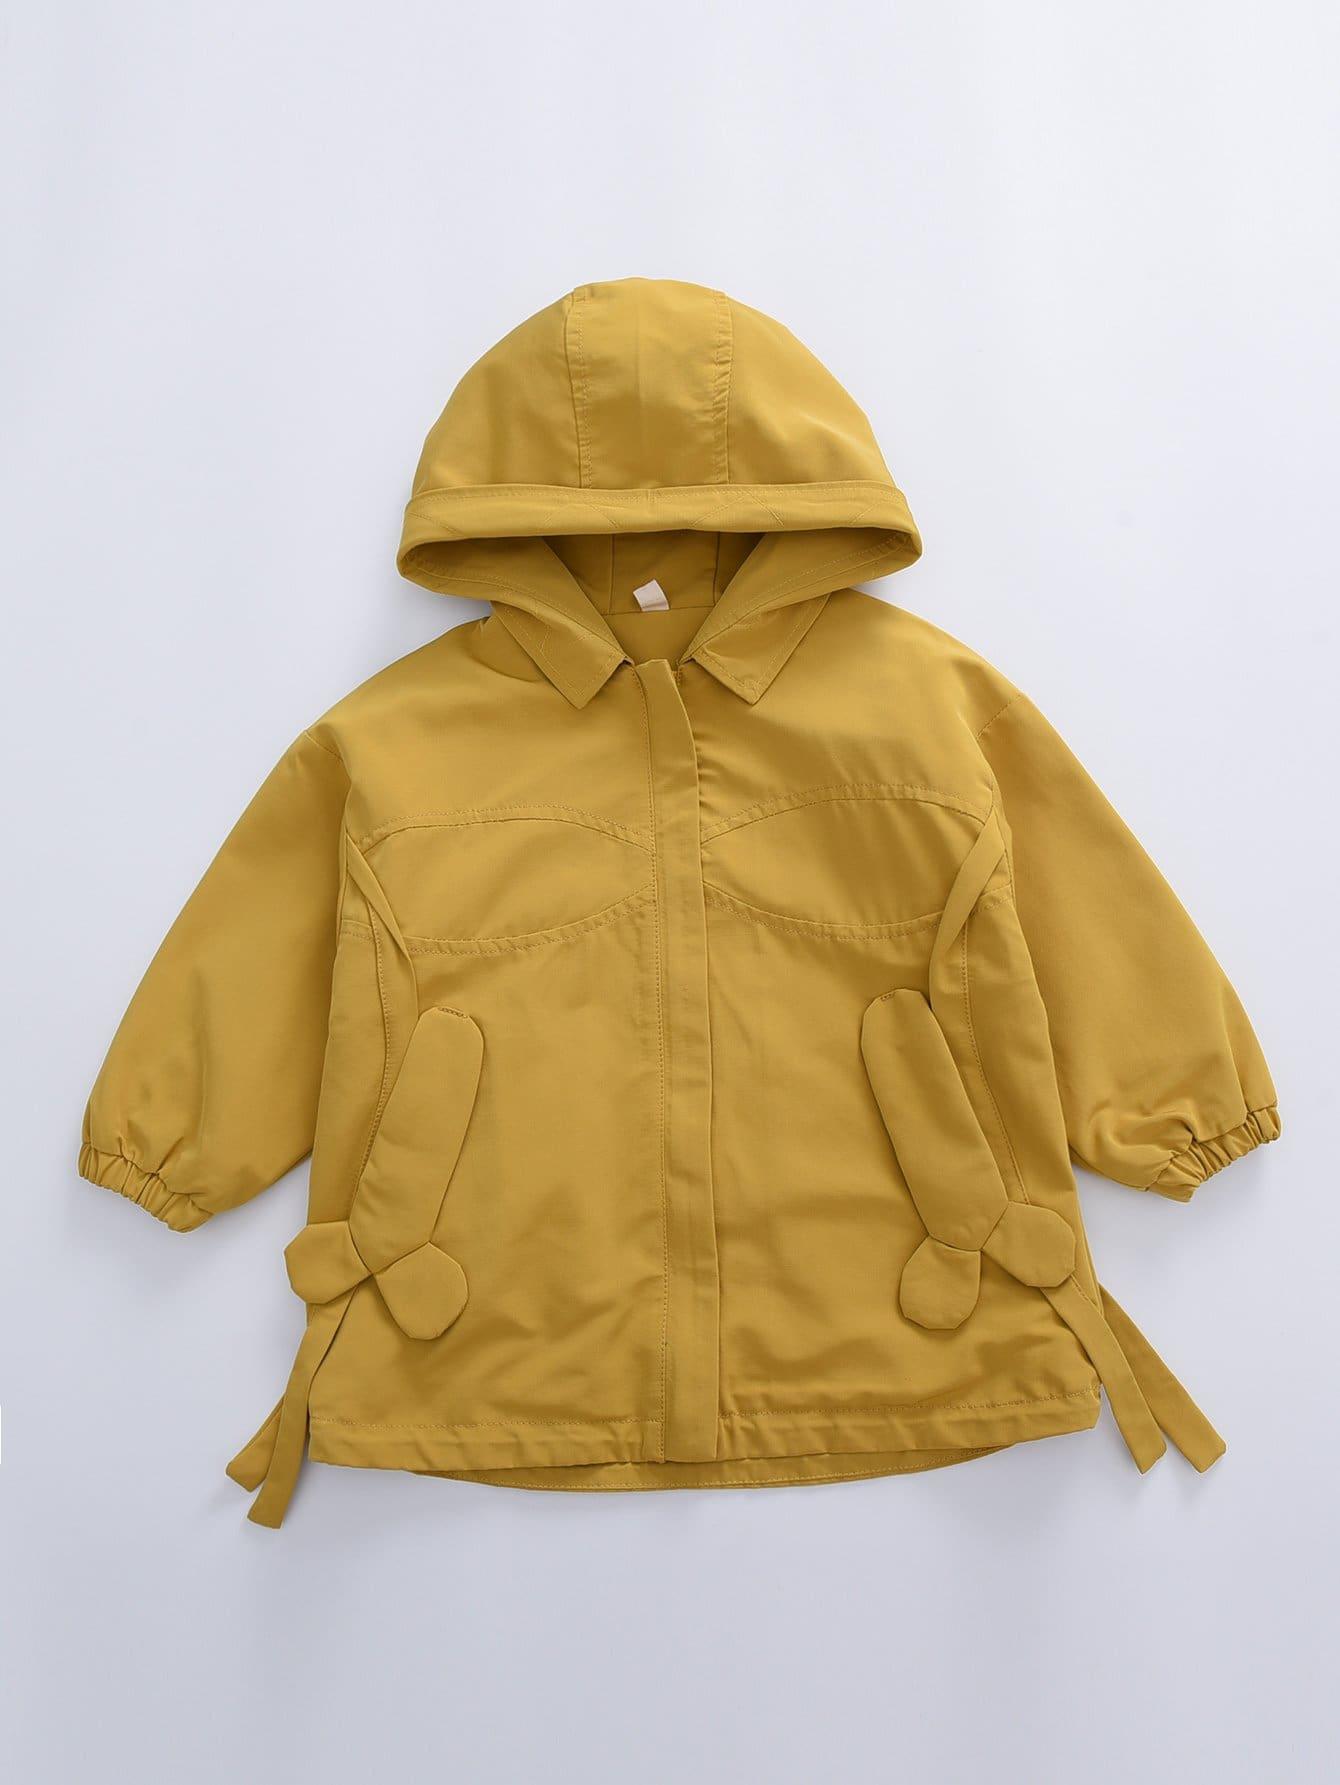 Купить Повседневный стиль Одноцветный с карманами пальто Желтый Куртки и пальто для девочек, null, SheIn